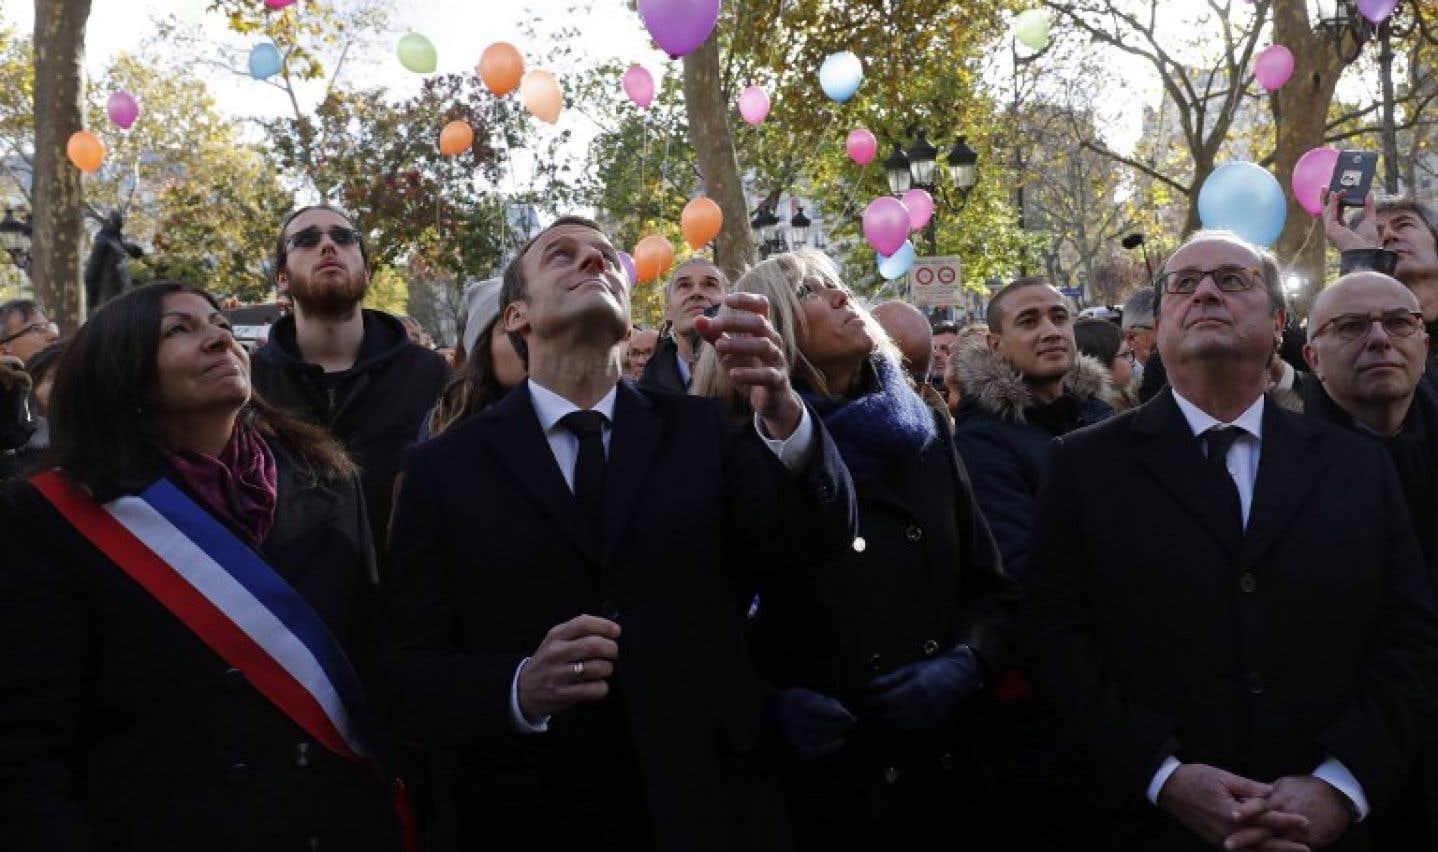 La maire de Paris, Anne Hidalgo, le président français Emmanuel Macron et son épouse Brigitte, ainsi que l'ancien président français François Hollande